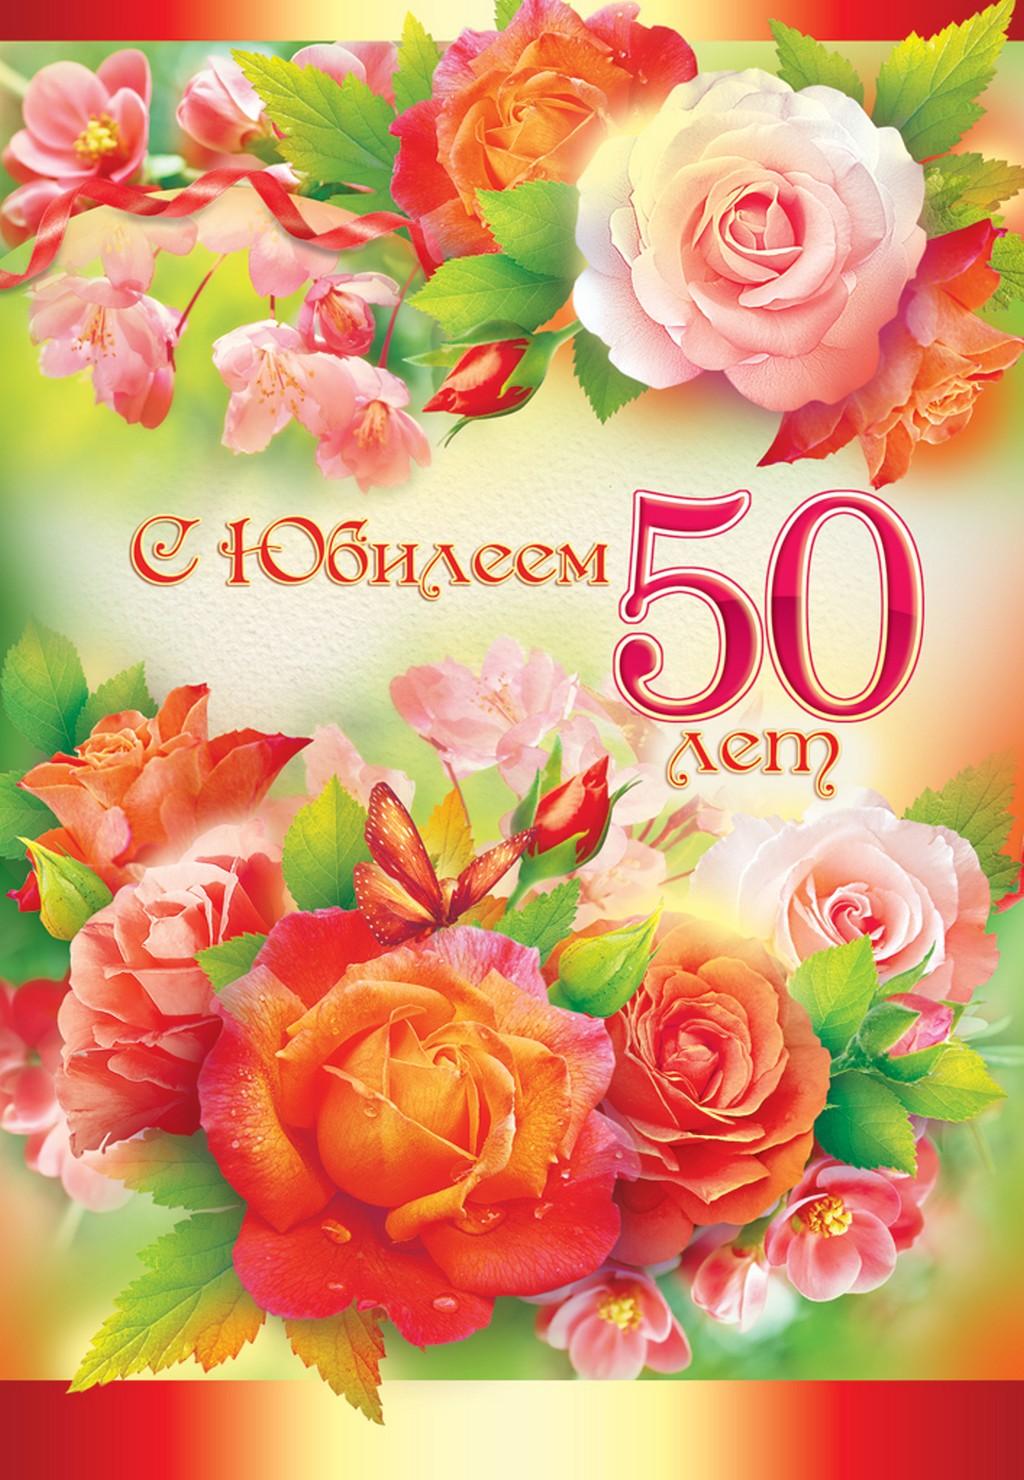 Красивые поздравления на Юбилей   подборка открыток и картинок (3)